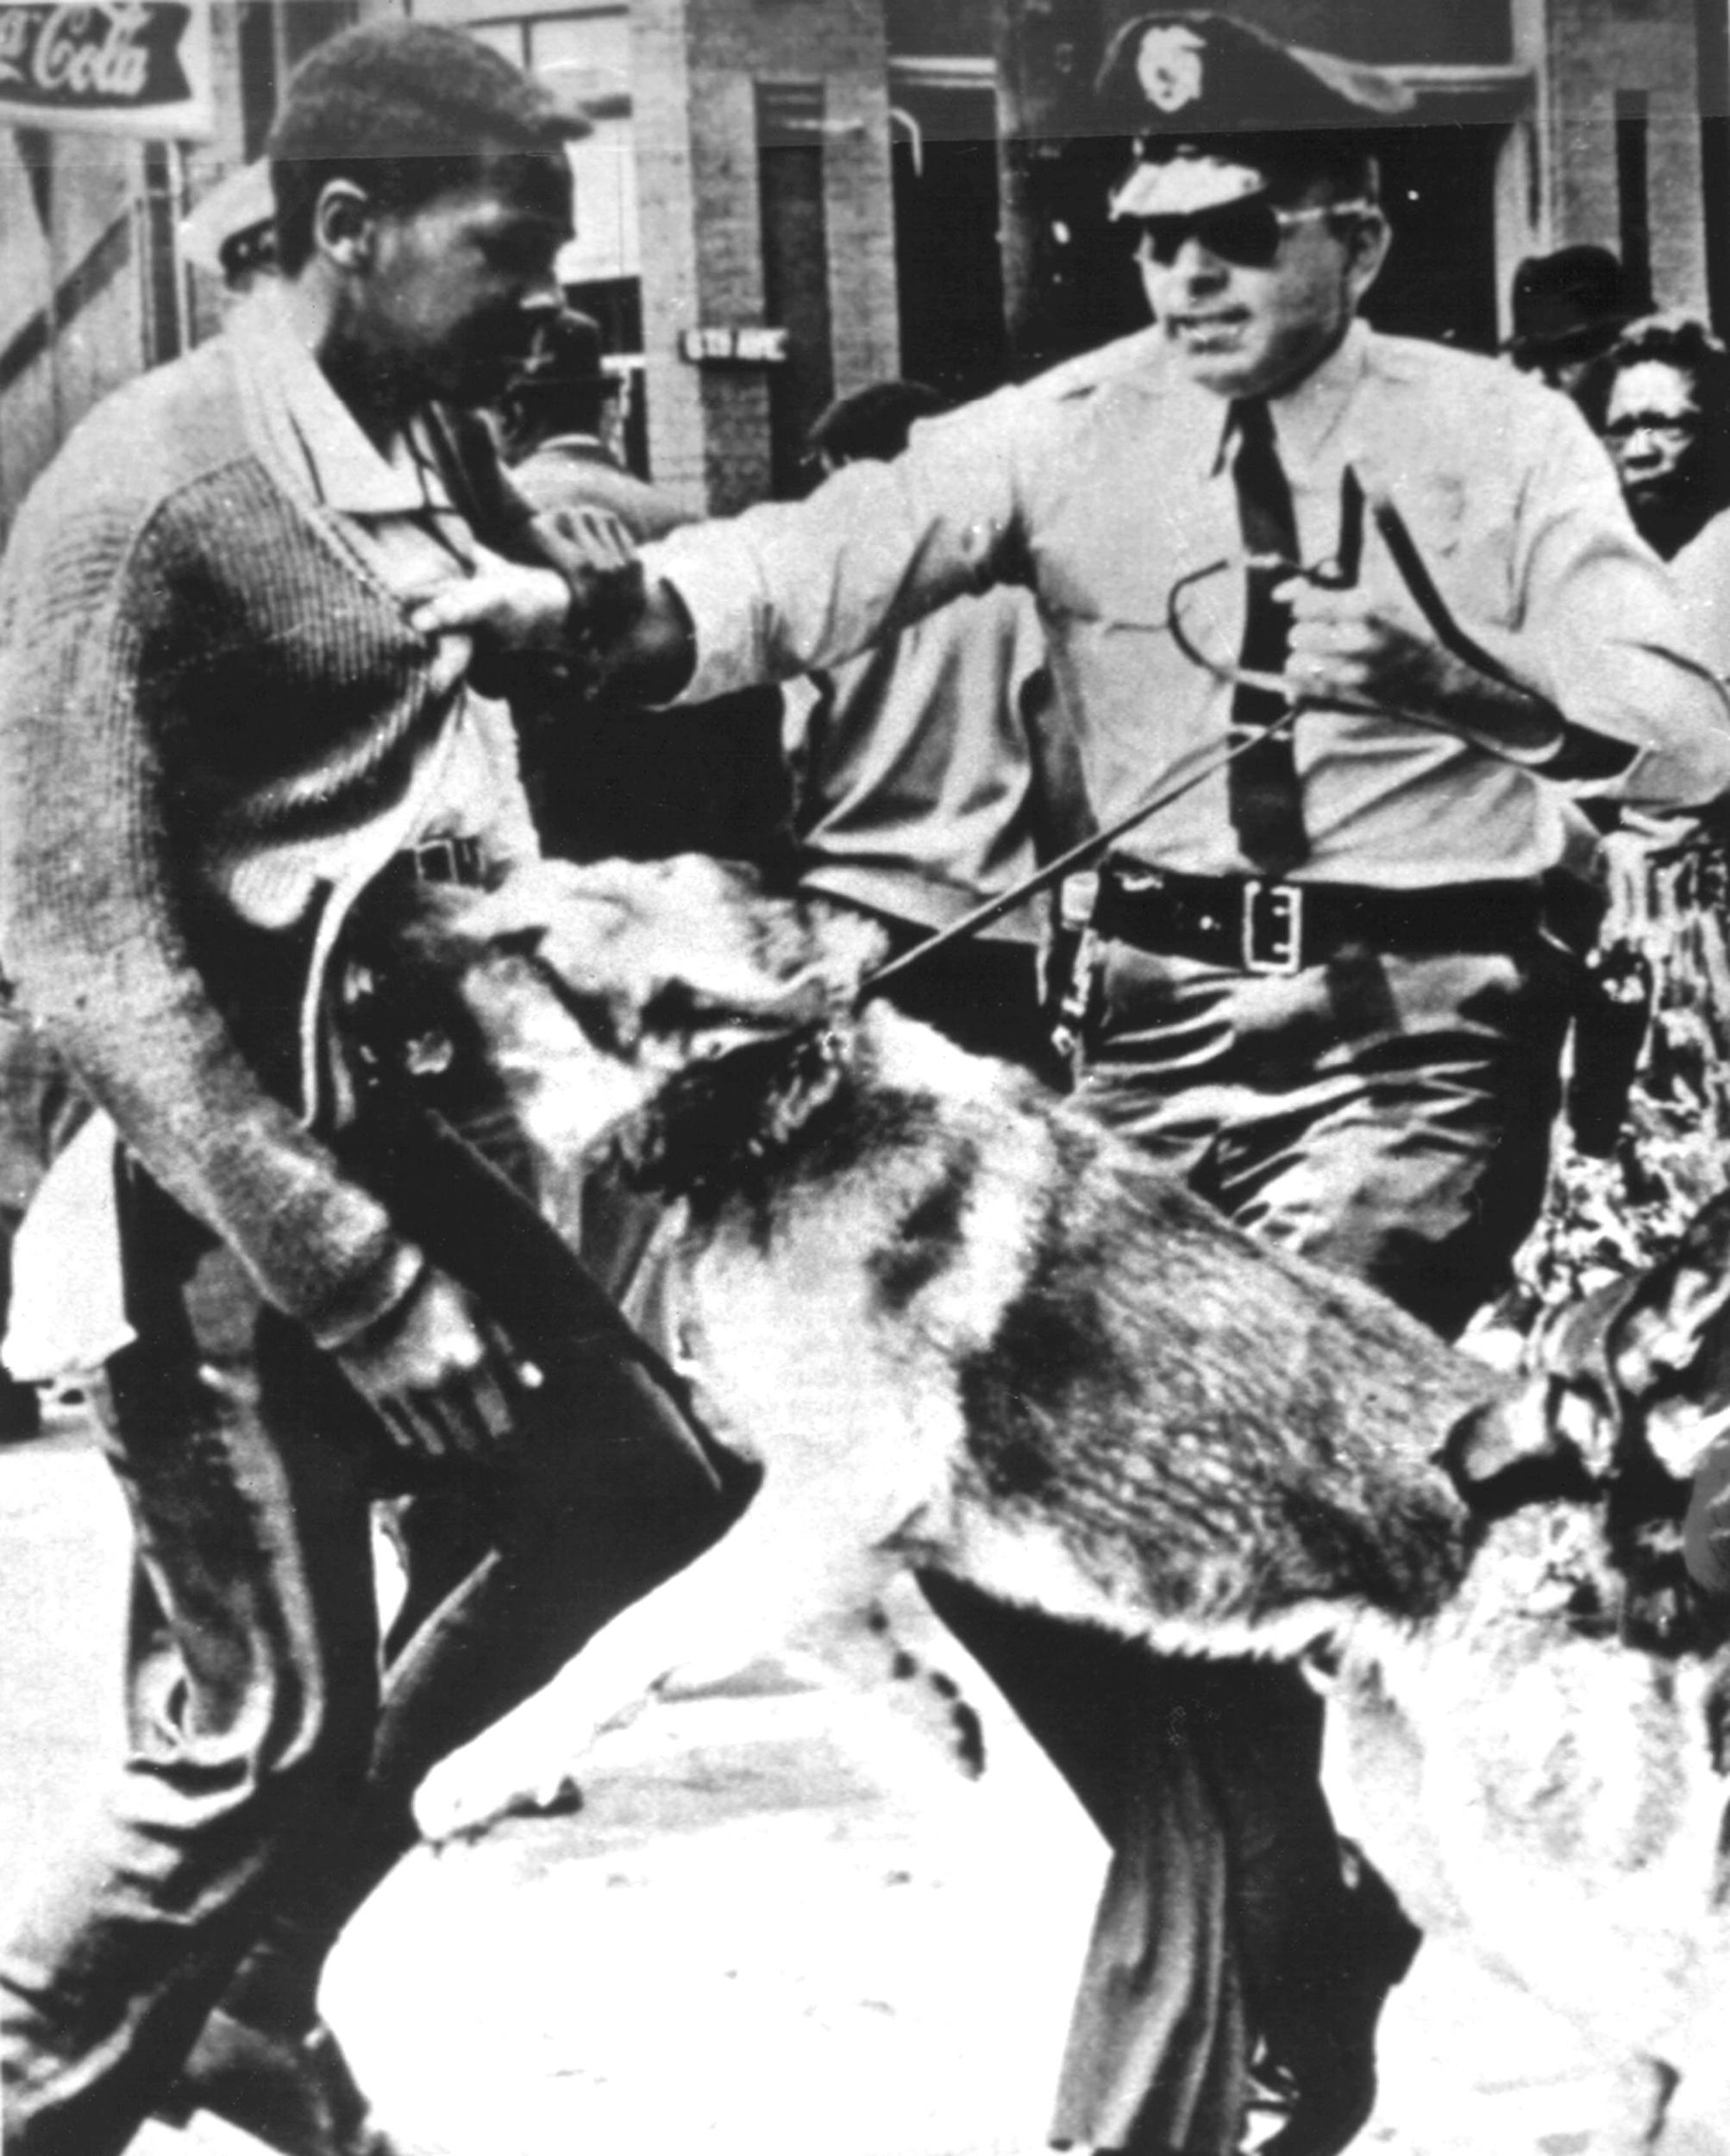 Image: Civil Rights in Montgomery, Police Repression